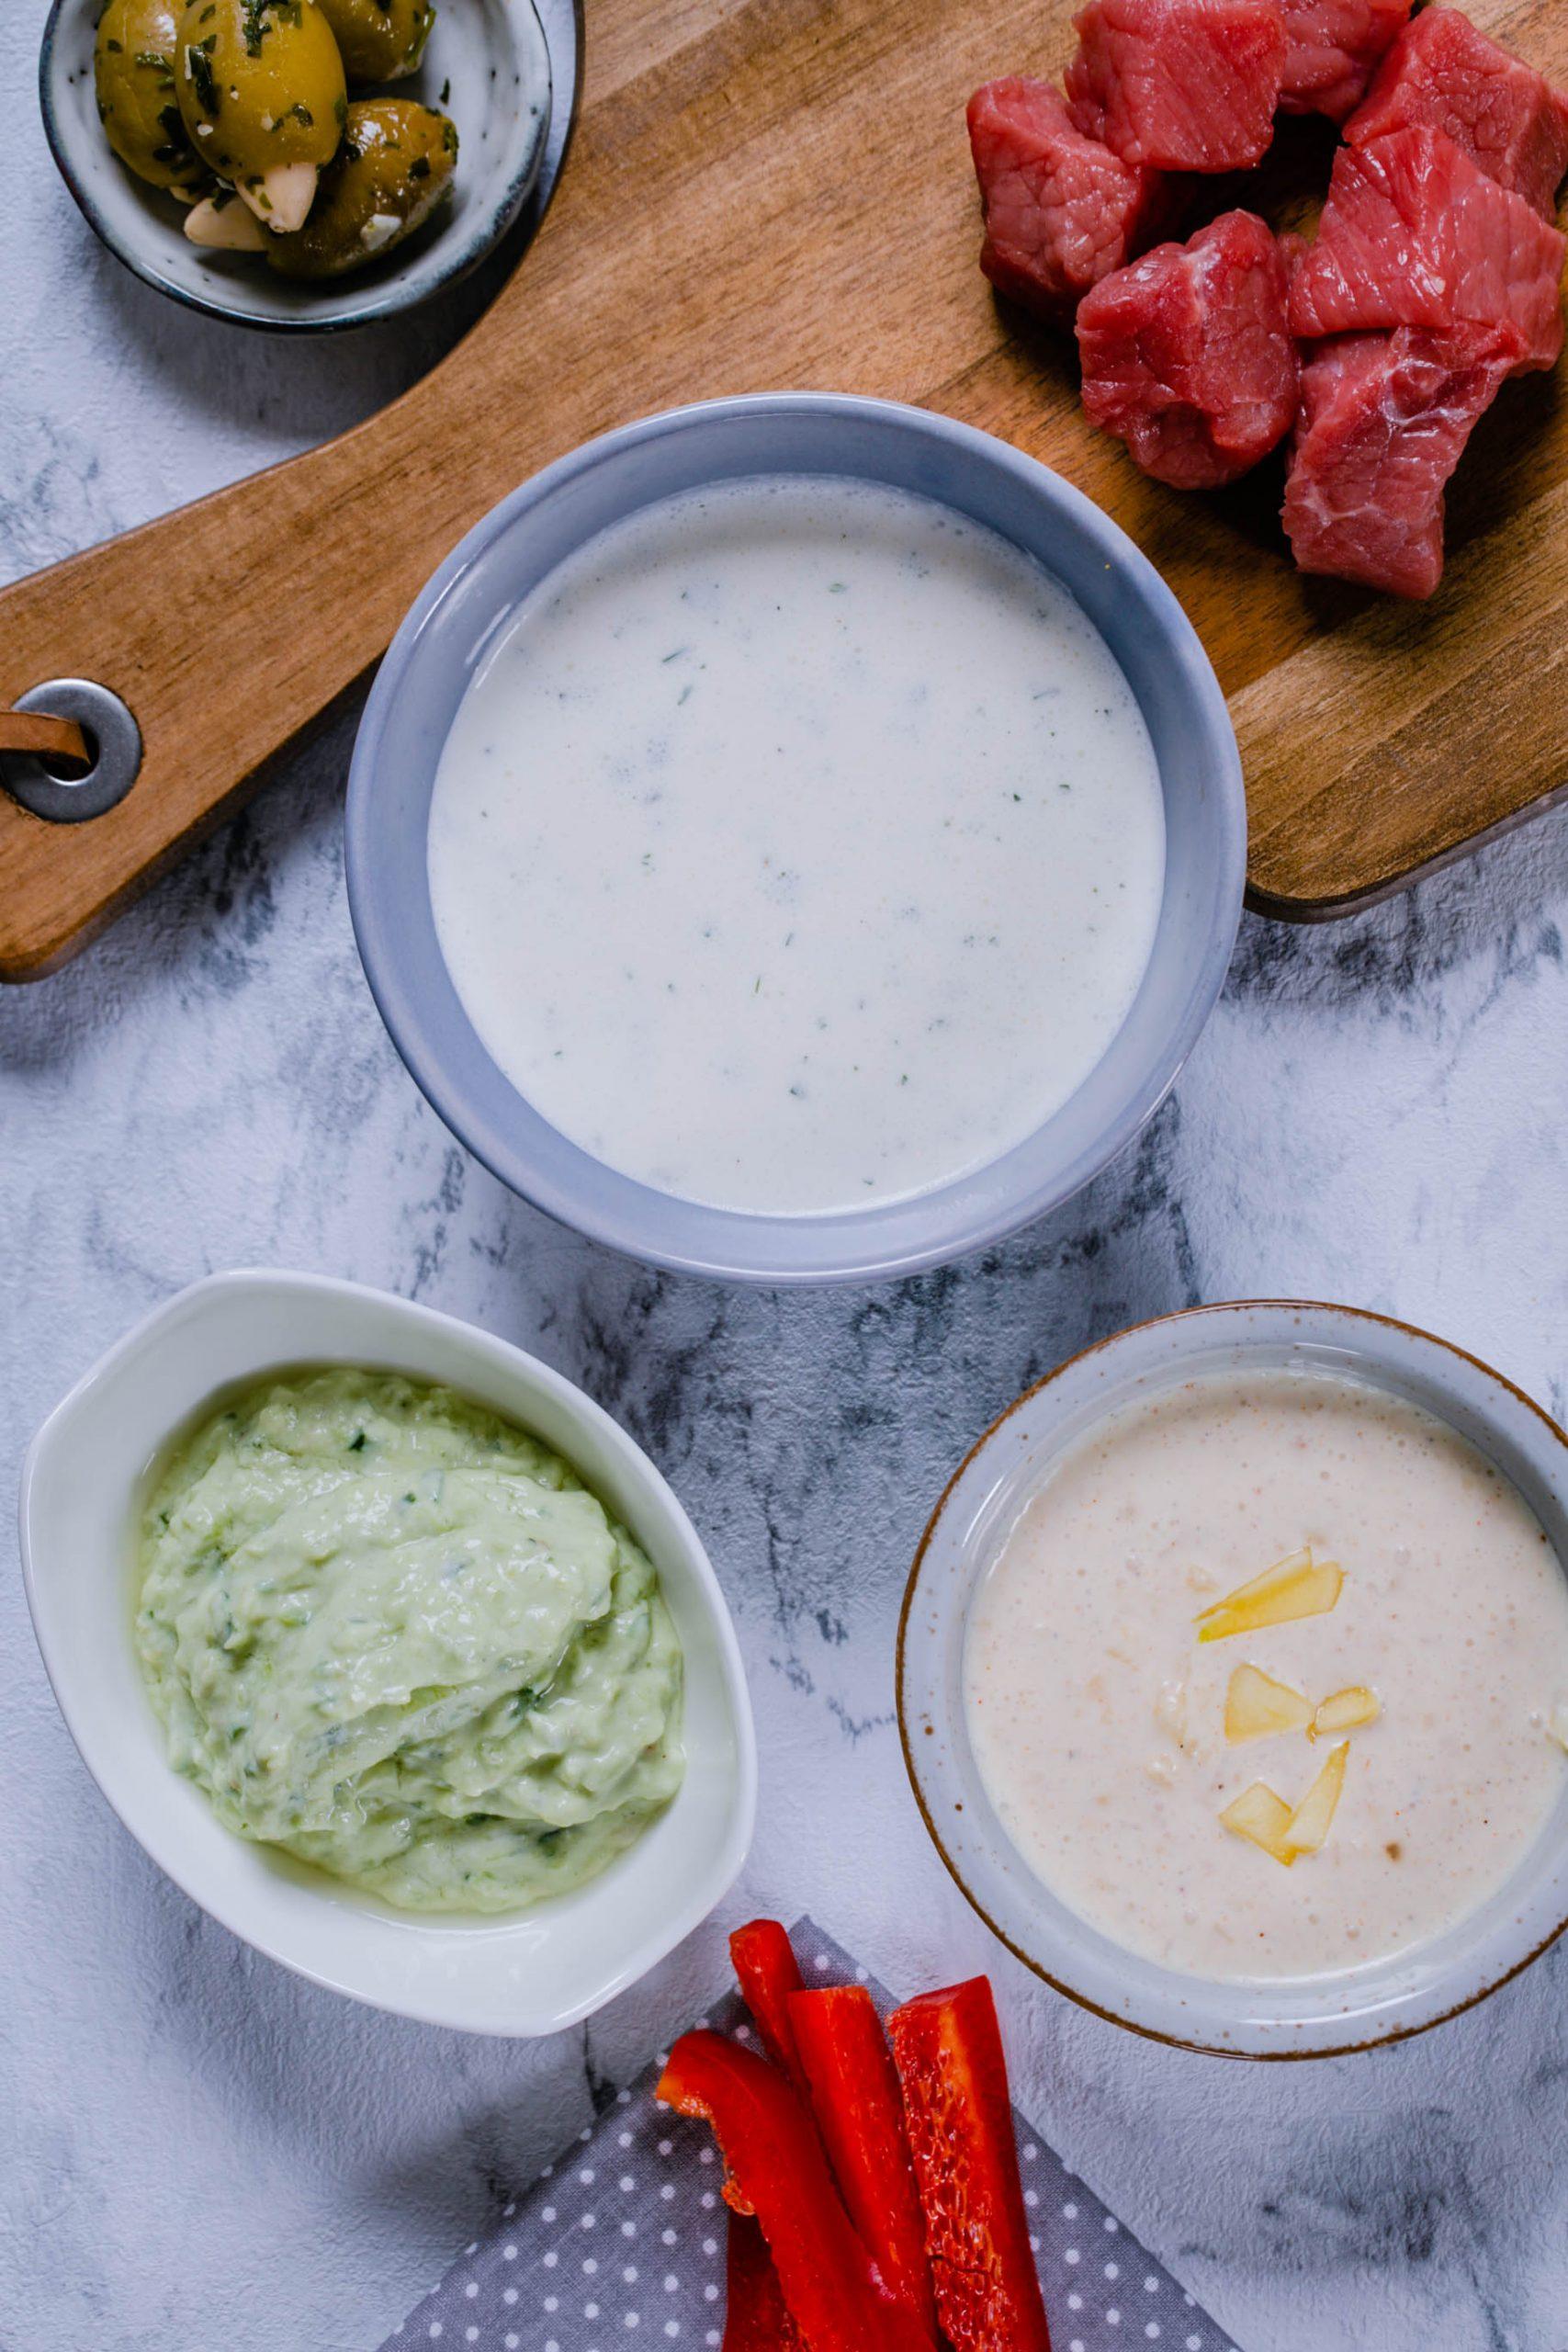 Sour Cream, Avocado-Tzatziki und Mango-Mayonaise – 3 leckere Saucen für Fondue und Raclette aus dem Thermomix®